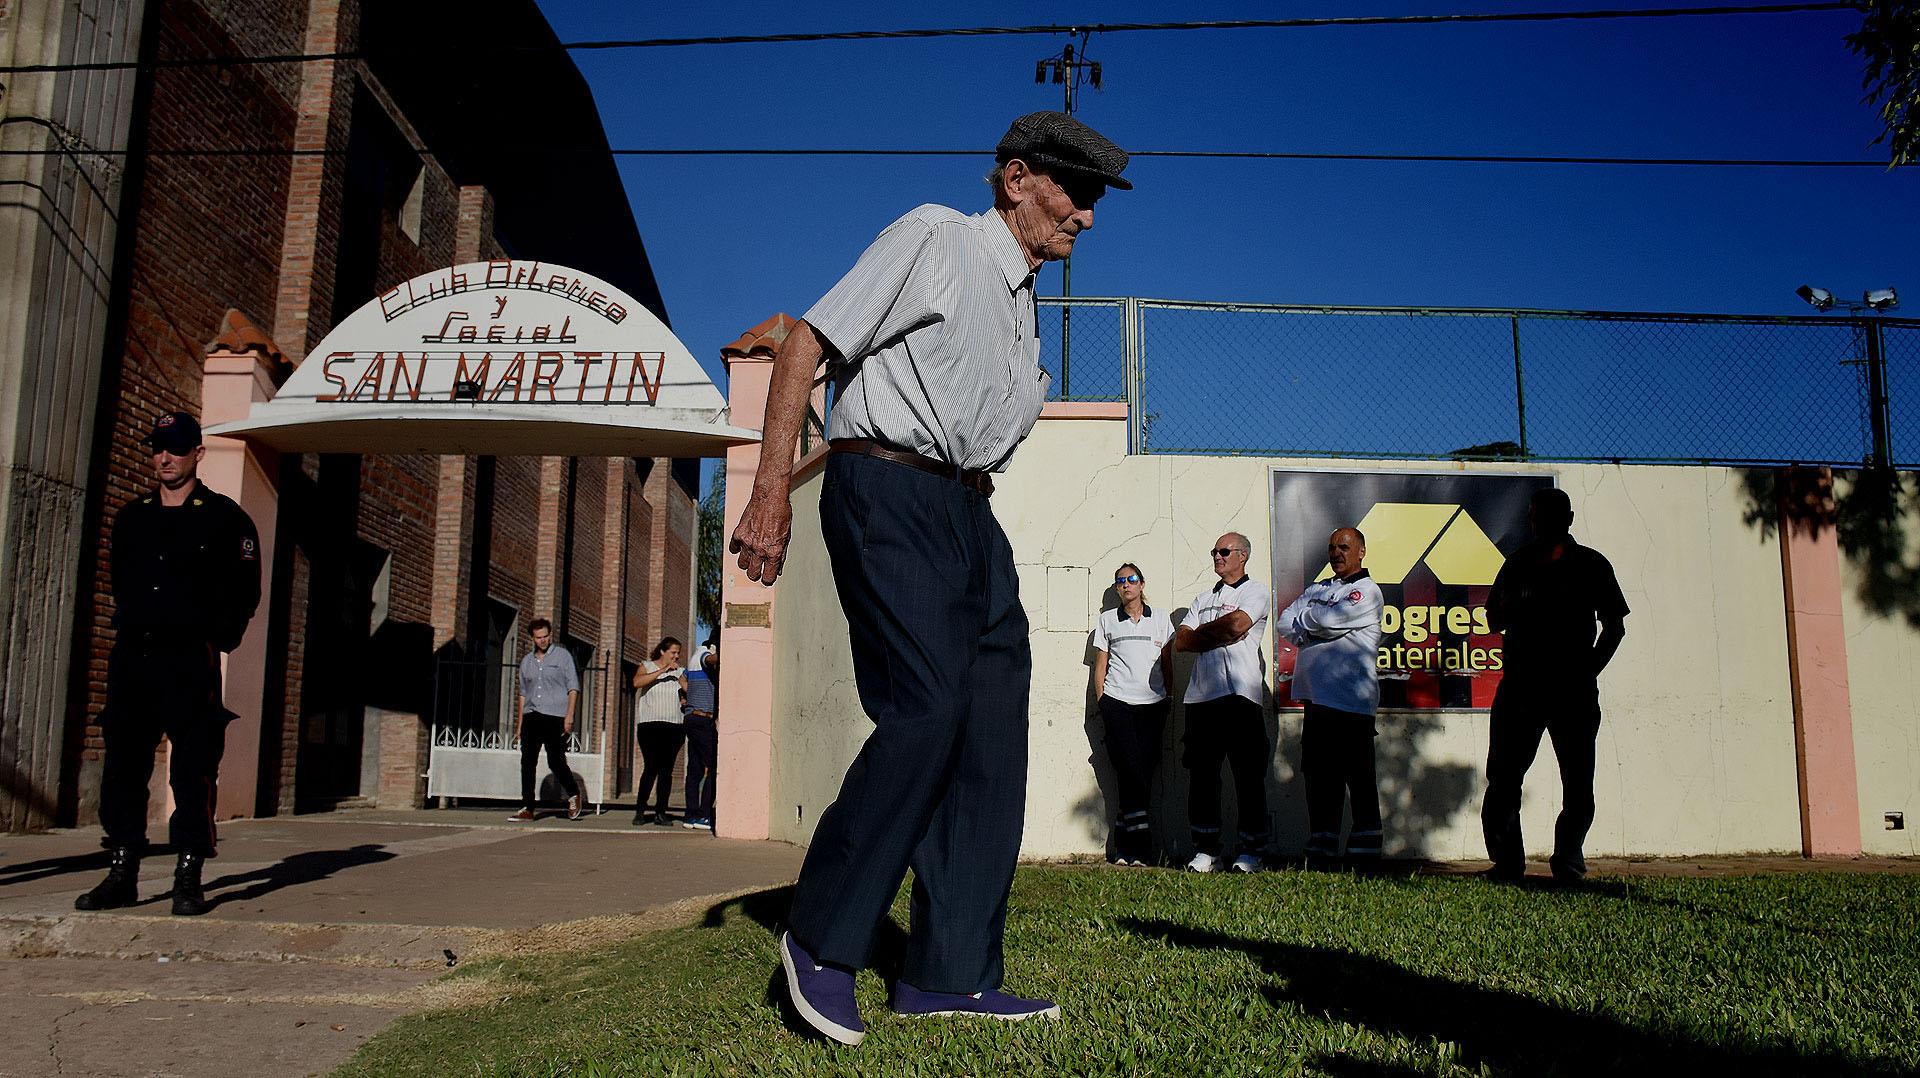 El club San Martín de Progreso fue el sitio elegido para la despedida